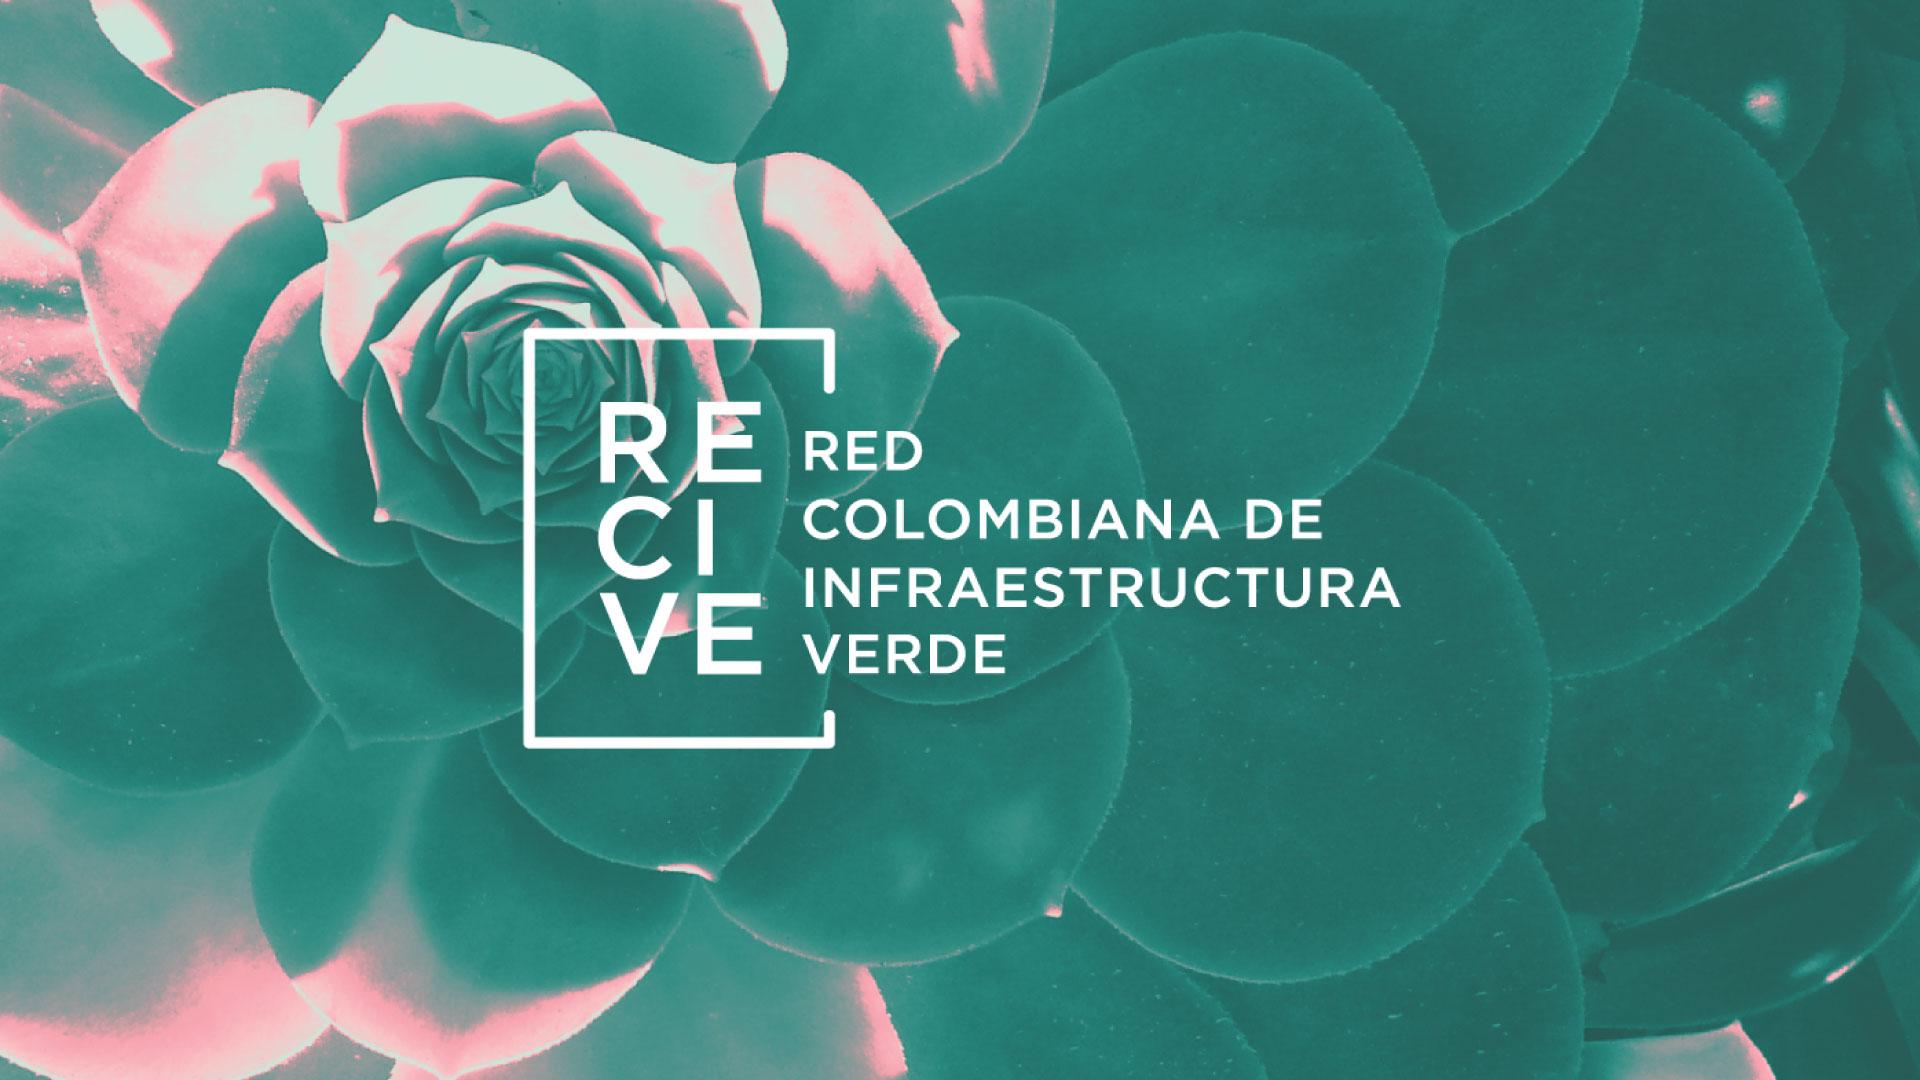 Recive